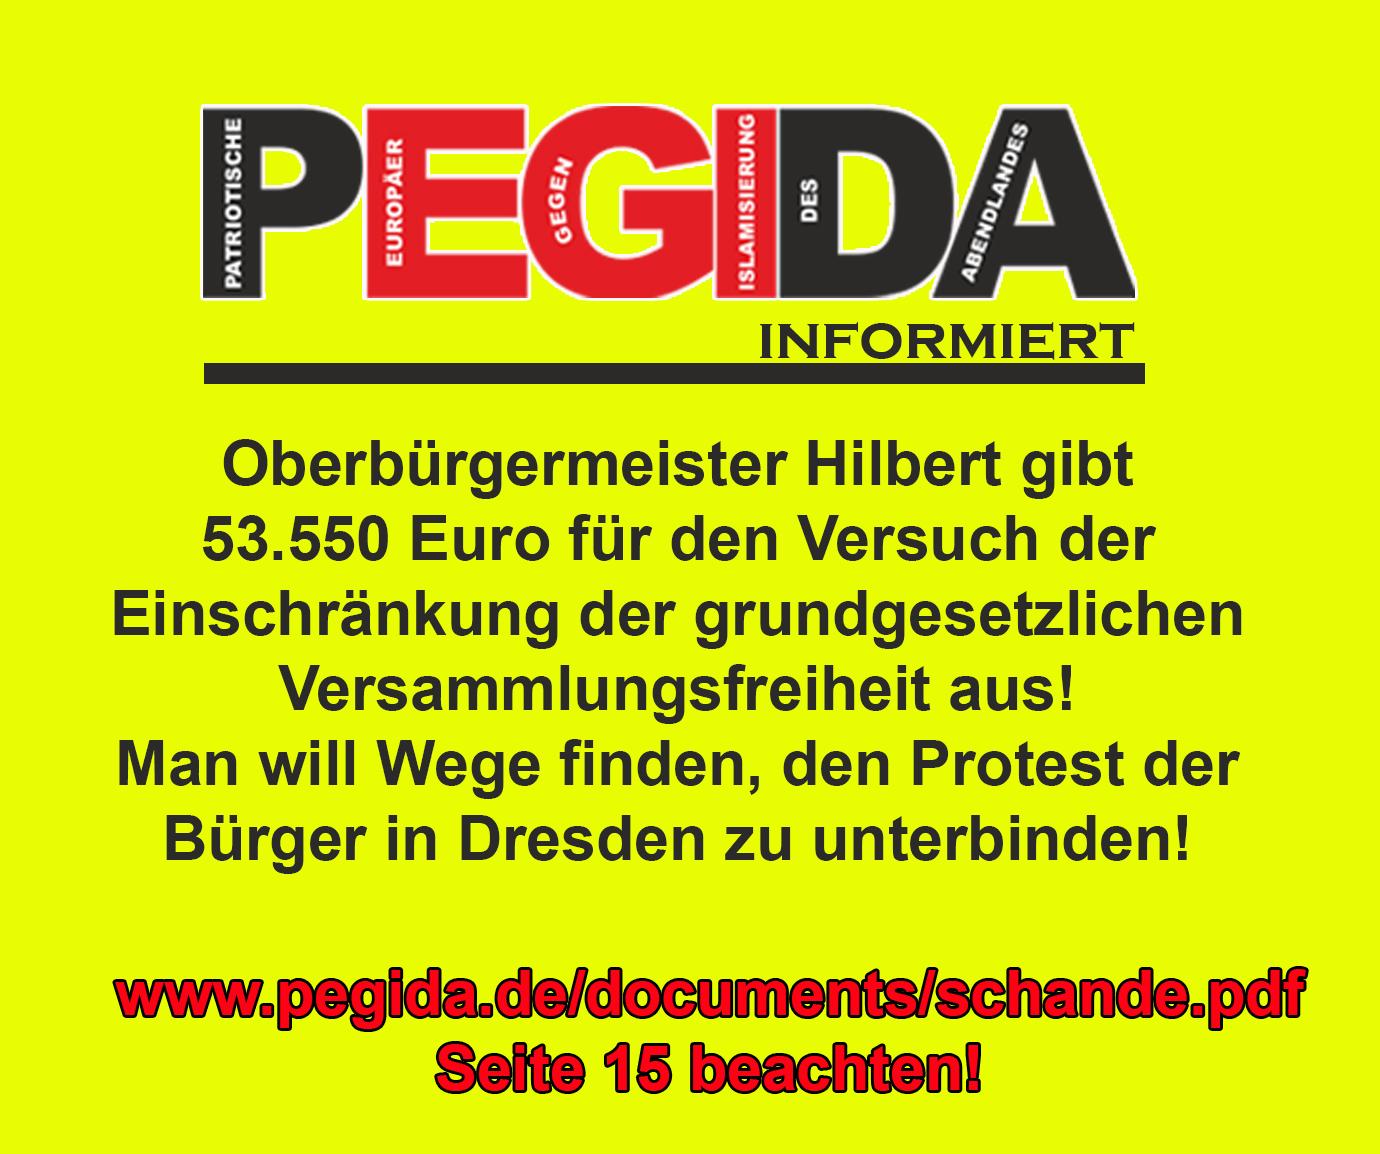 PEGIDA - Patriotische Europäer gegen die Islamisierung des Abendlandes